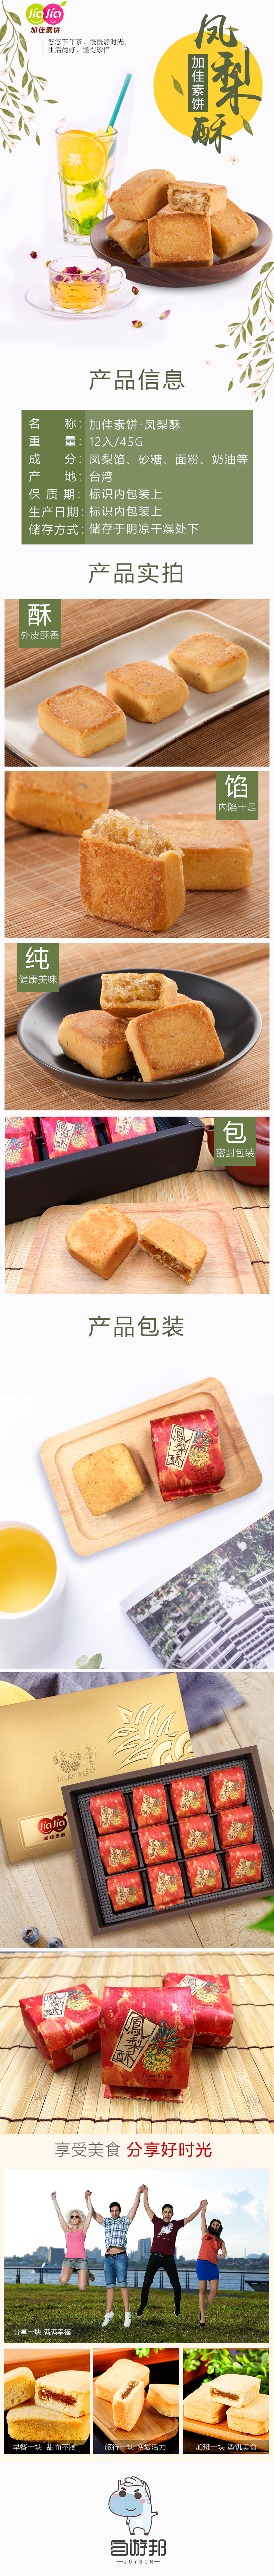 加佳素餅 鳳梨酥12入